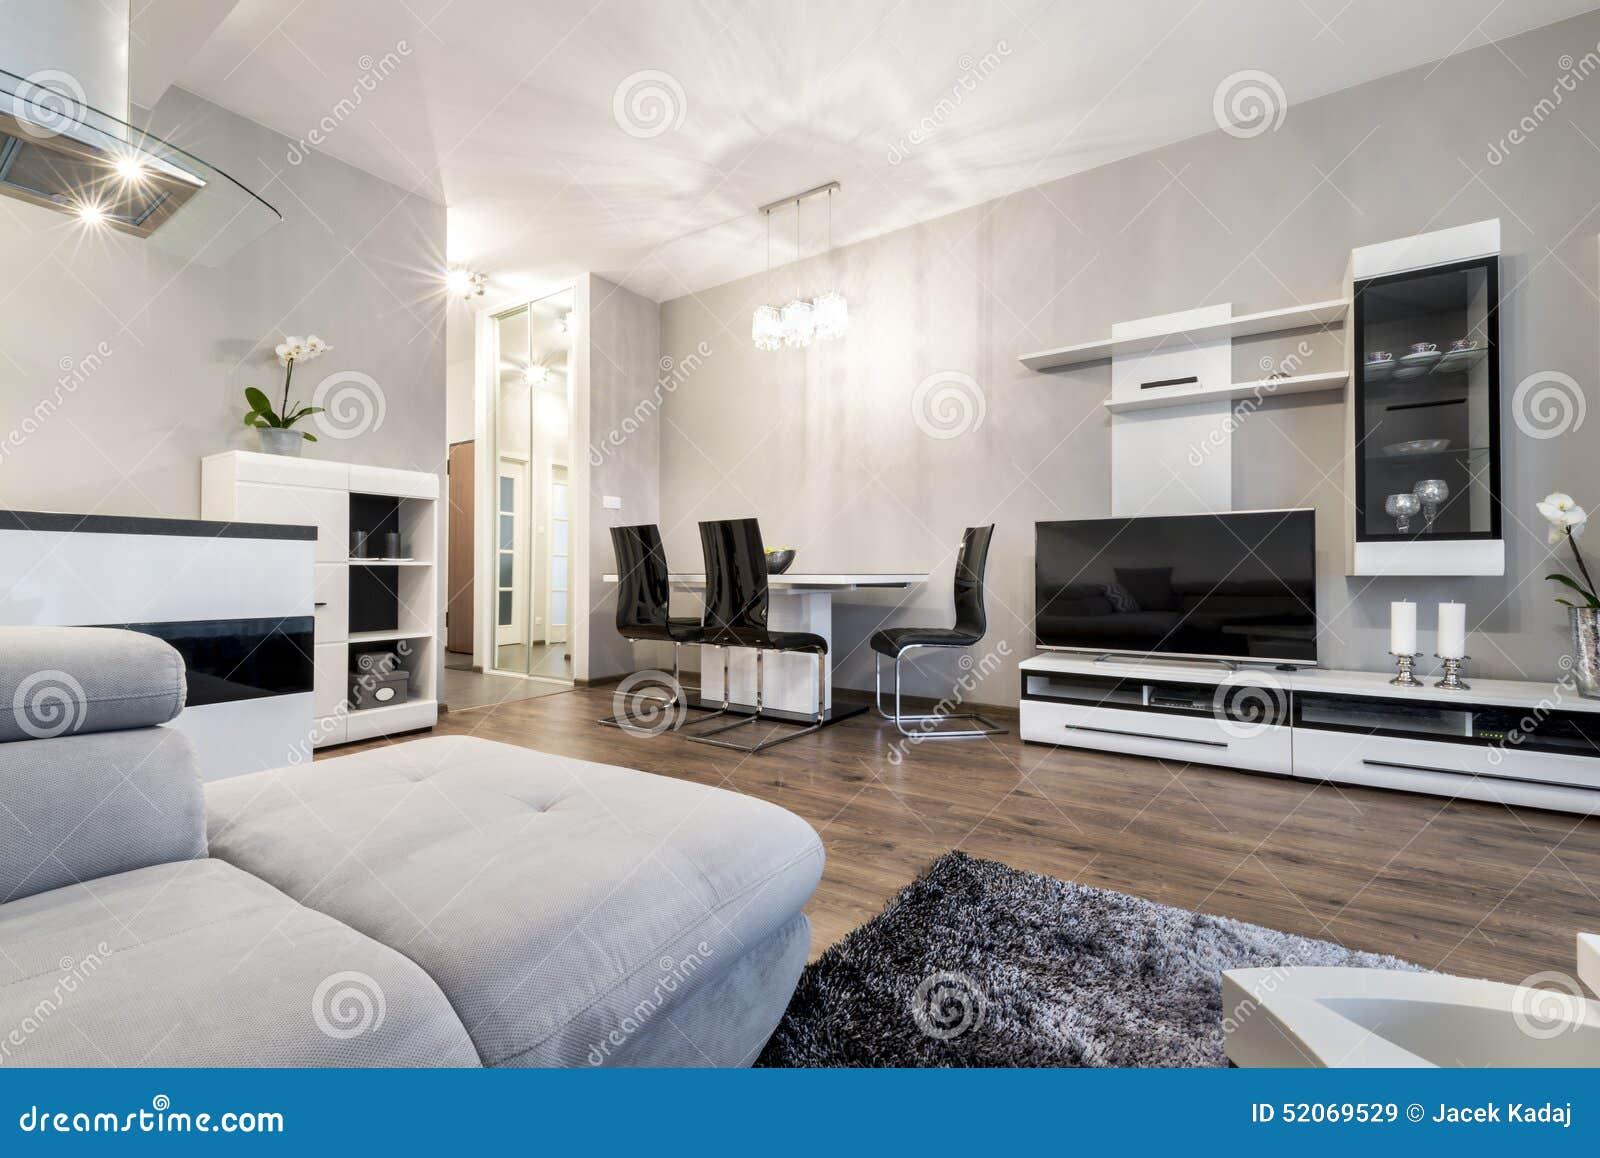 attic master bedroom decorating ideas - Sala De Estar Moderna En Estilo Blanco Y Negro Foto de